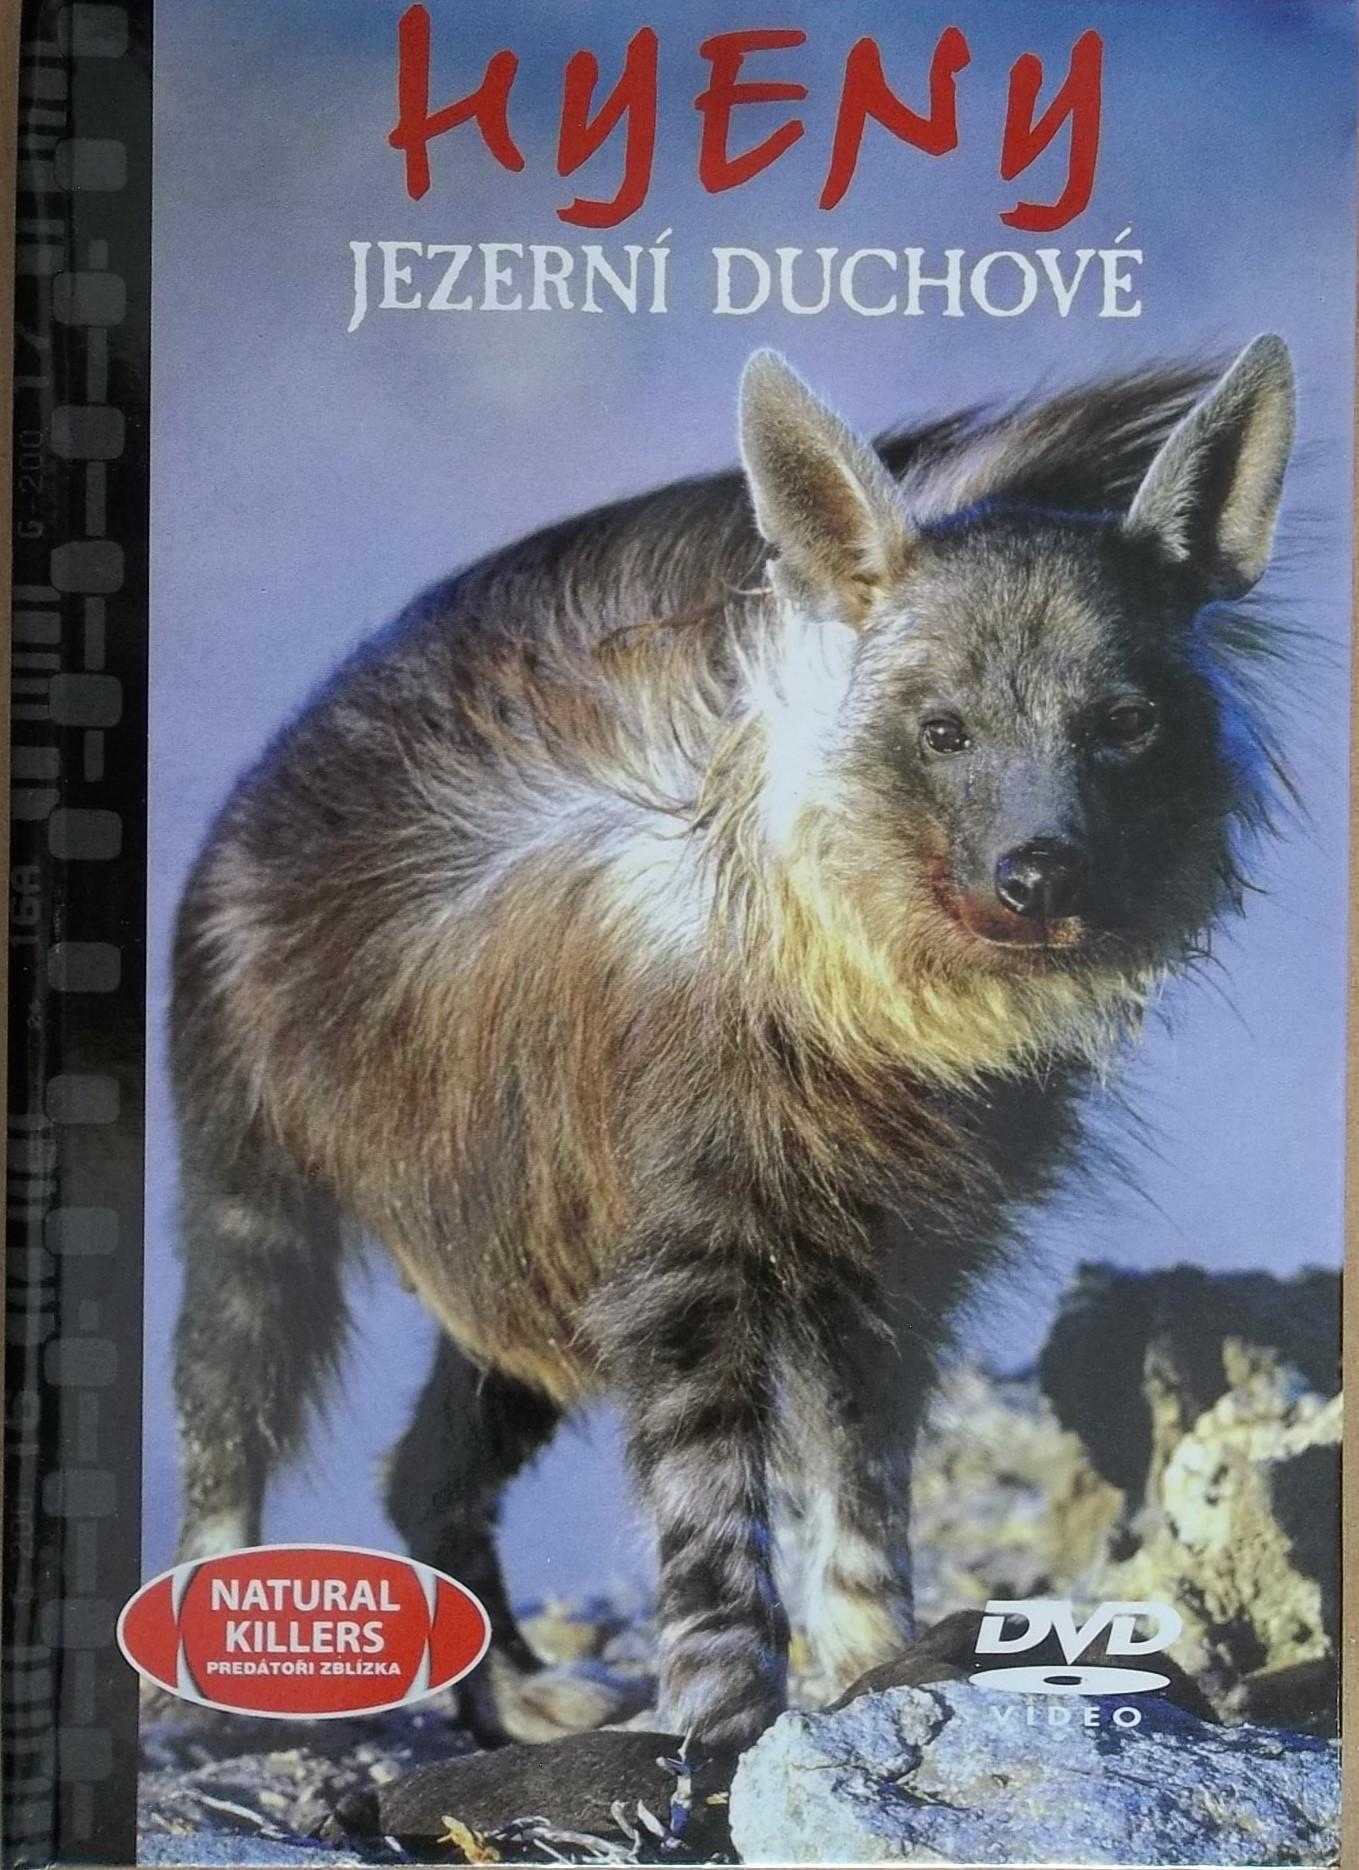 Hyeny - jezerní duchové - DVD